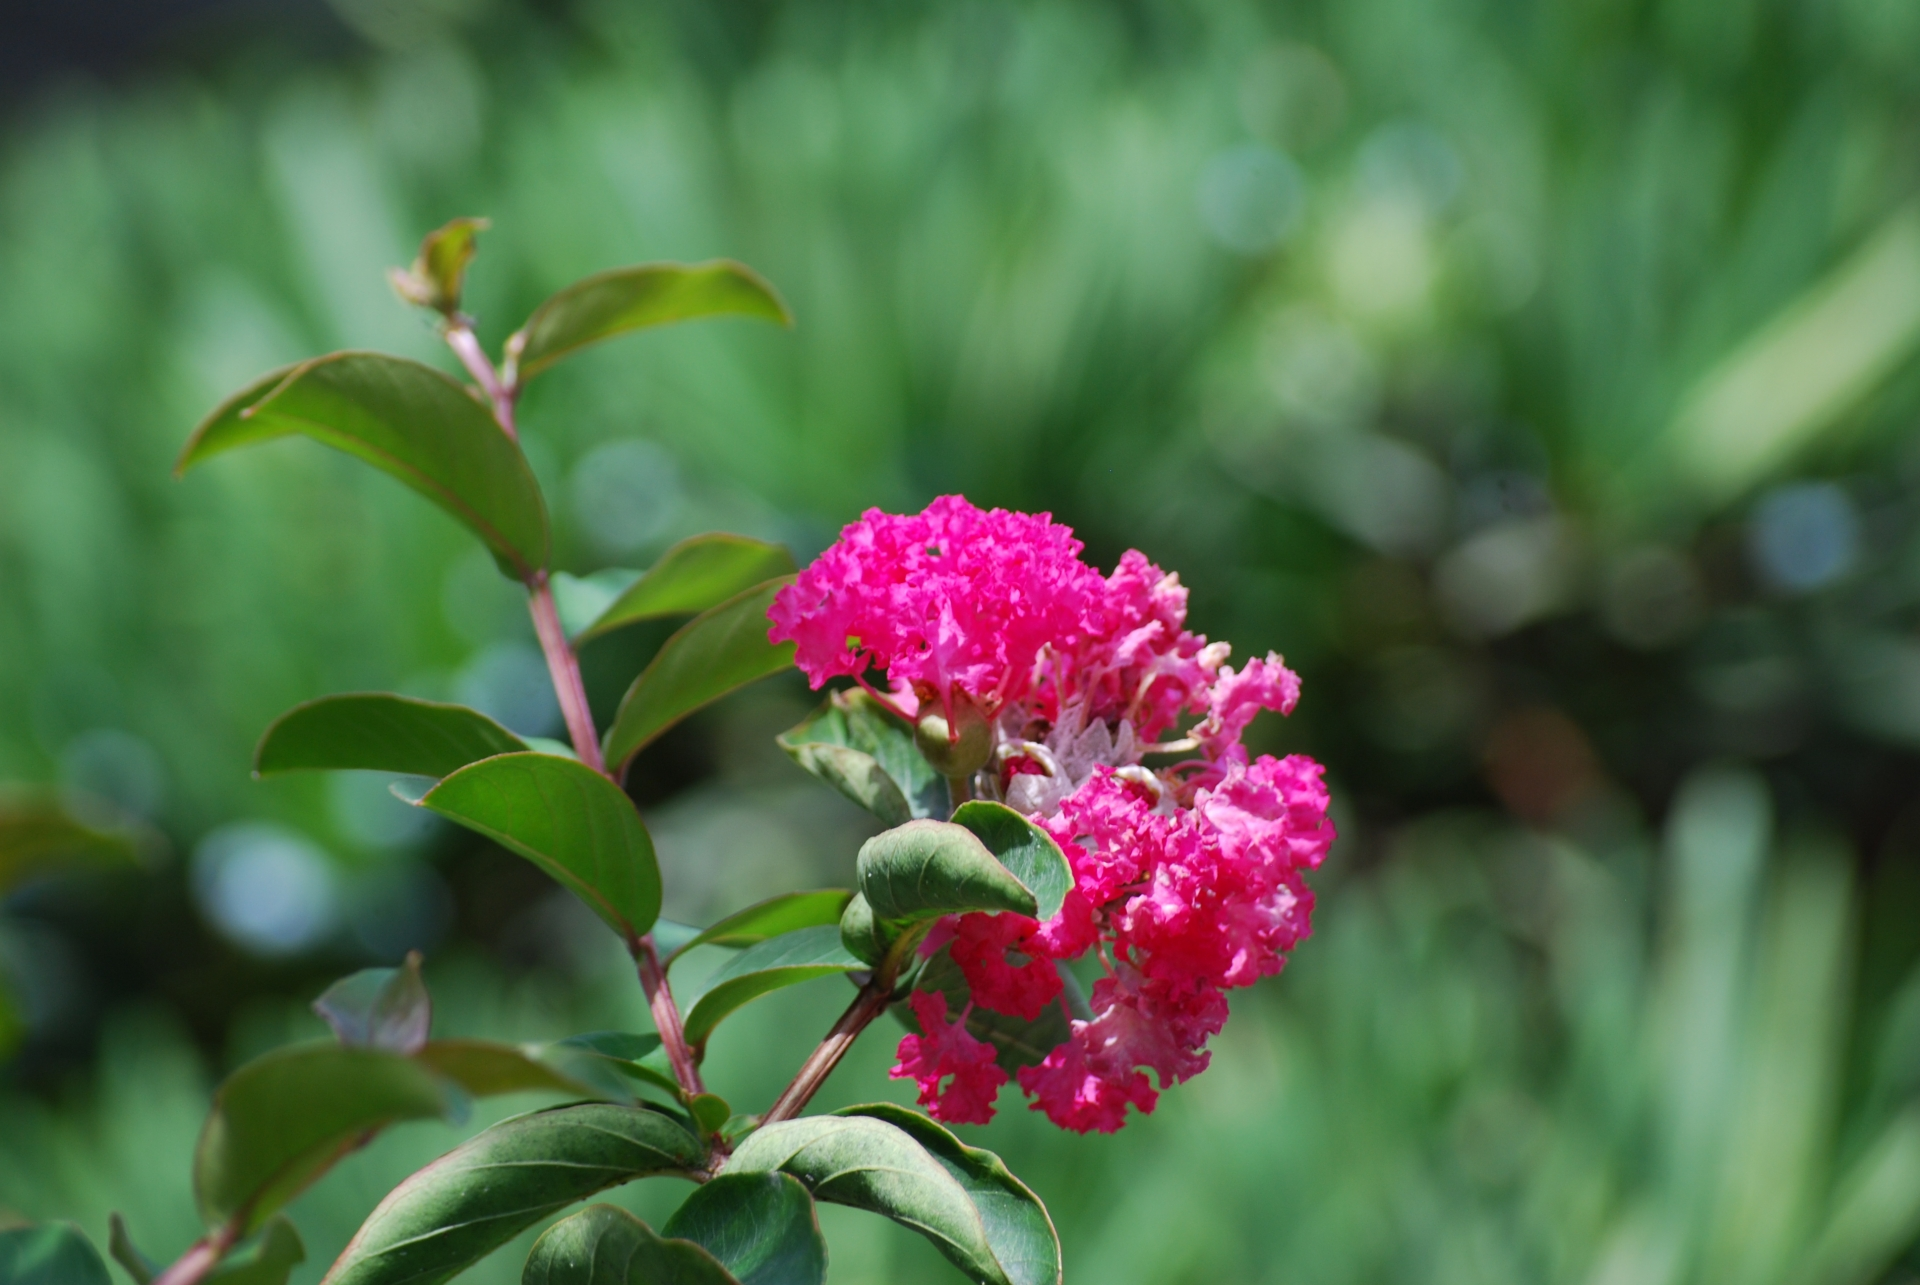 ガーデン用品屋さんの花図鑑 サルスベリ